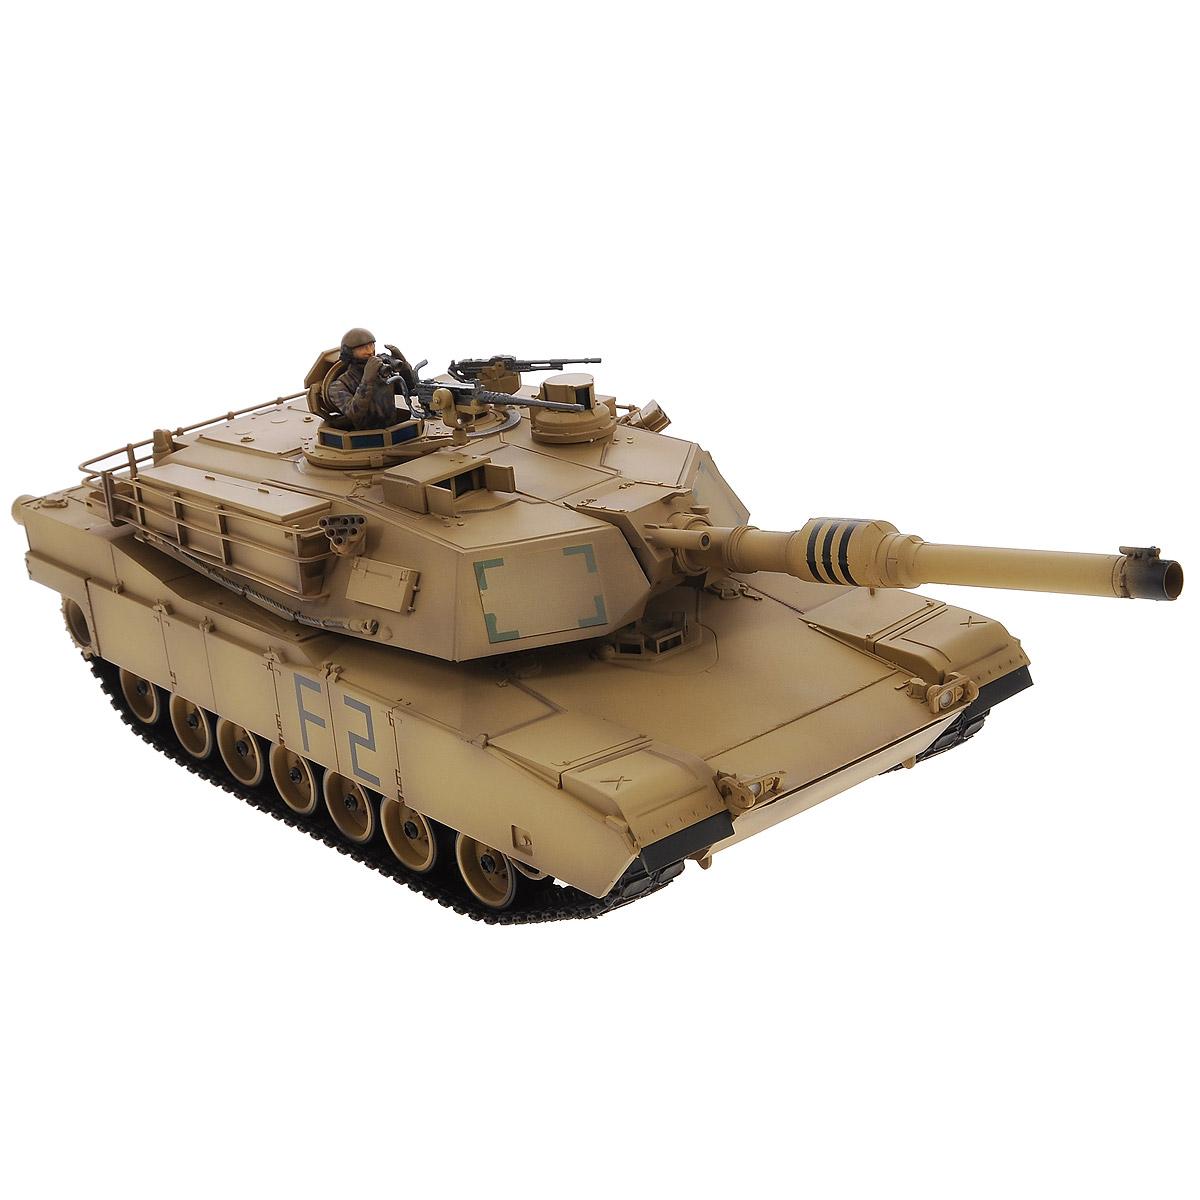 VSP Танк на радиоуправлении US M1A2 Abrams628432Радиоуправляемый танк VSP US M1A2 Abrams - это реалистичная коллекционная модель в масштабе 1/24. Она представляет собой уменьшенную копию американского основного танка, известного как M1 Абрамс. Эта модель серийно выпускается с 1980 года и стоит на вооружении армии и морской пехоты различных стран (США, Саудовская Аравия, Кувейт, Австралия). Пульт управления работает на частоте 2,4 ГГц и оснащен светодиодной подсветкой голубого цвета. Система Airsoft обеспечивает постоянное движение танка и стрельбу из пневматической пушки. Данная модель может стрелять мягкими (пневматическими) BB шариками, поэтому имеет возрастное ограничение от 14 лет. Благодаря работе на частоте 2,4 ГГц танк будет легко сопрягаться с пультом управления. Новые электронные схемы, примененные в этом пульте, позволяют принимать участие в игровых сражениях одновременно 16 танкам. Радиус управления заметно увеличился и составляет 40-50 метров на улице и 25-30 метров внутри ...